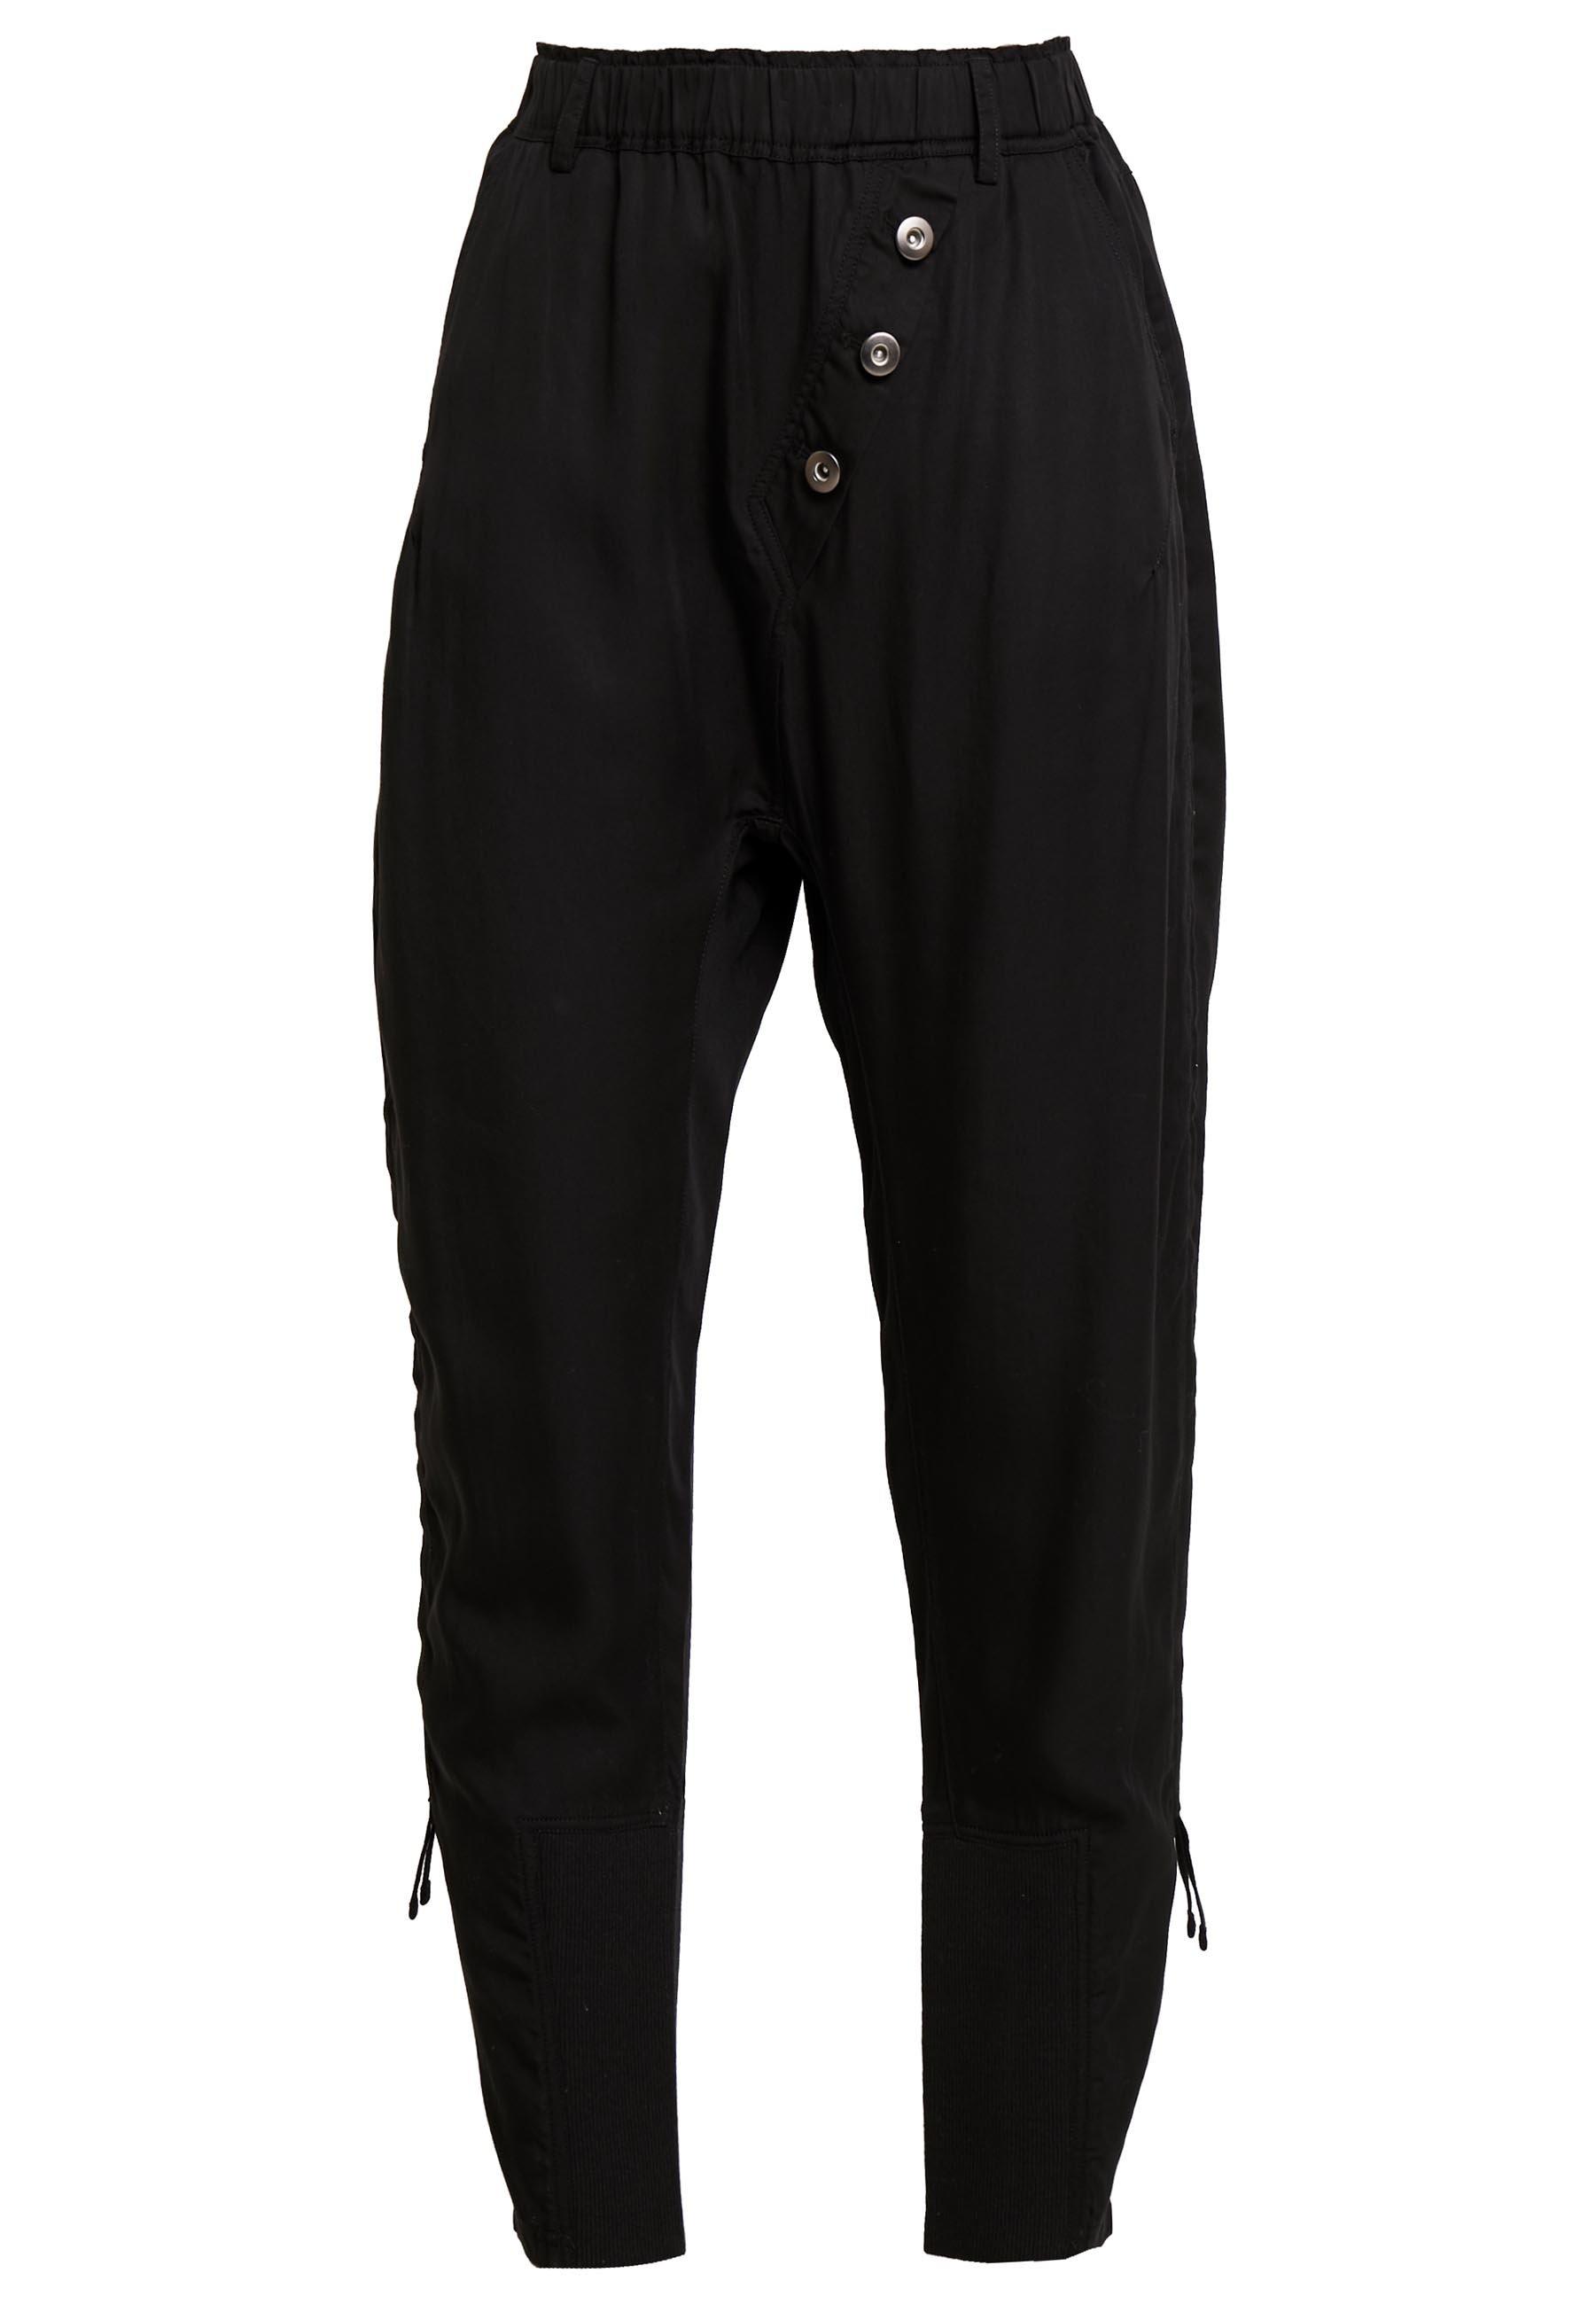 Cream Sillian Pants - Kangashousut Pitch Black